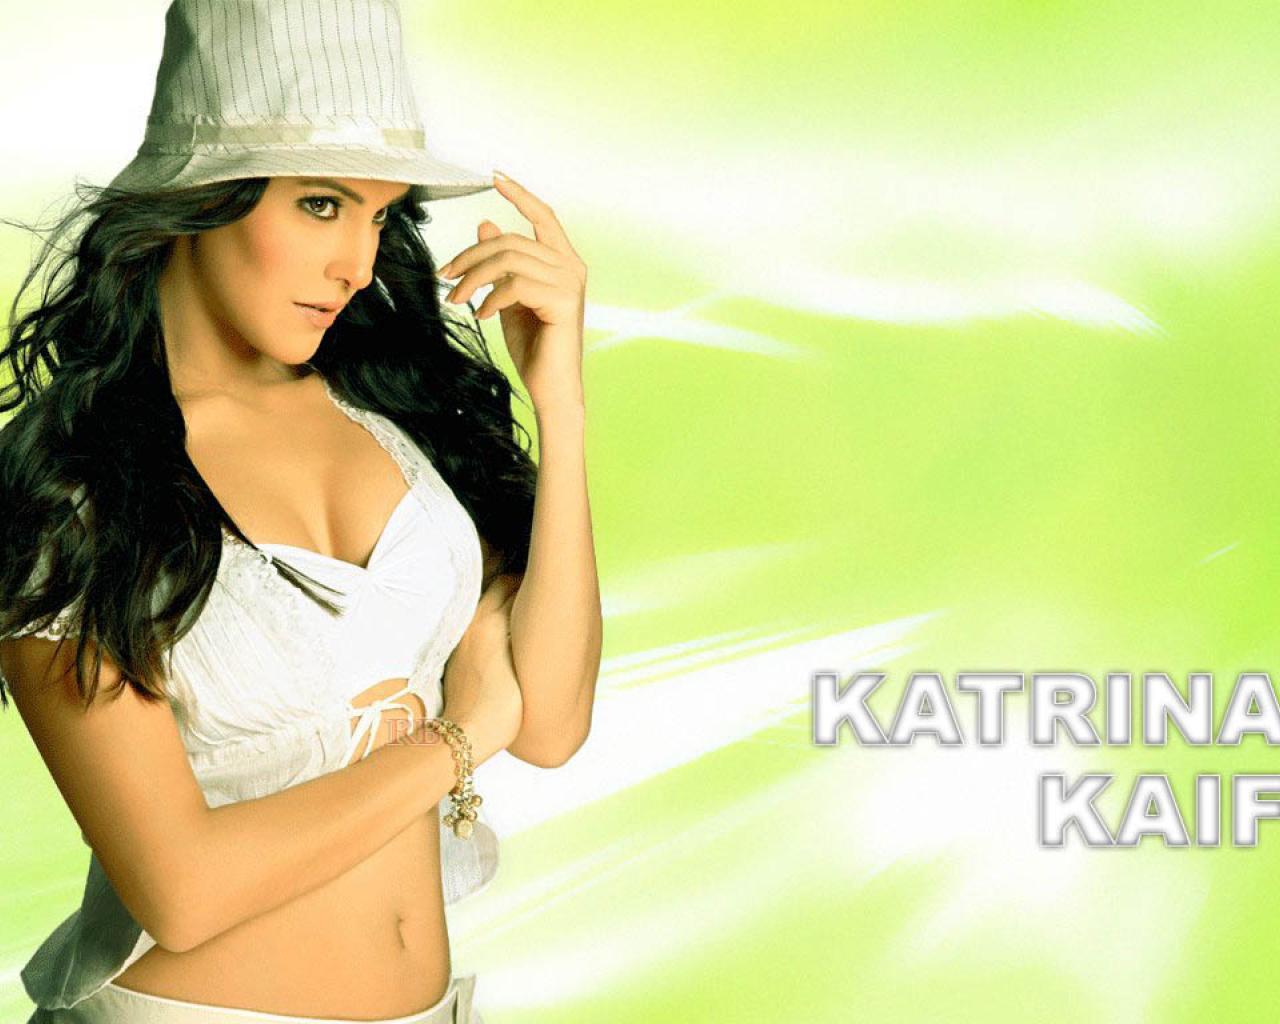 Katrina Kaif Wallpaper, Hot photos, Katrina Kaif | Salman Khan ...